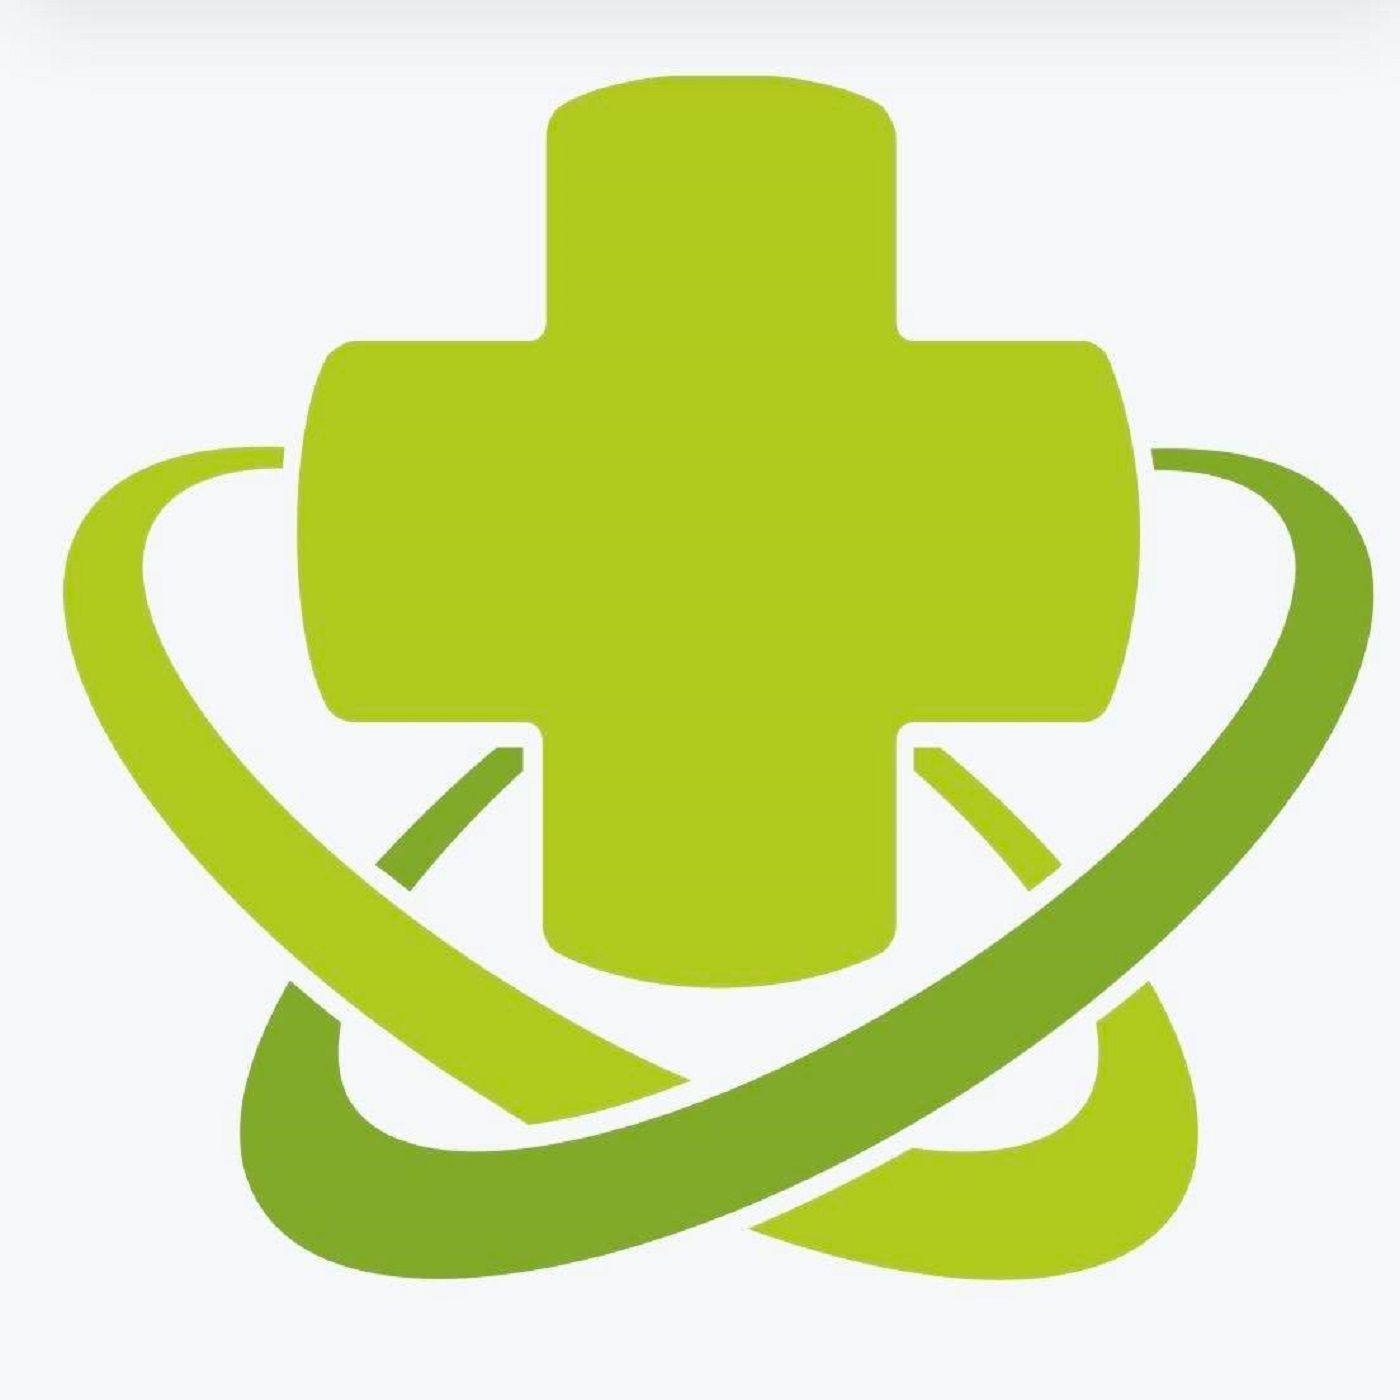 Tervisejutud 7. Osa / Rasvade ja rasvhapete tähtsus tervise toetamisel 04.08.2020